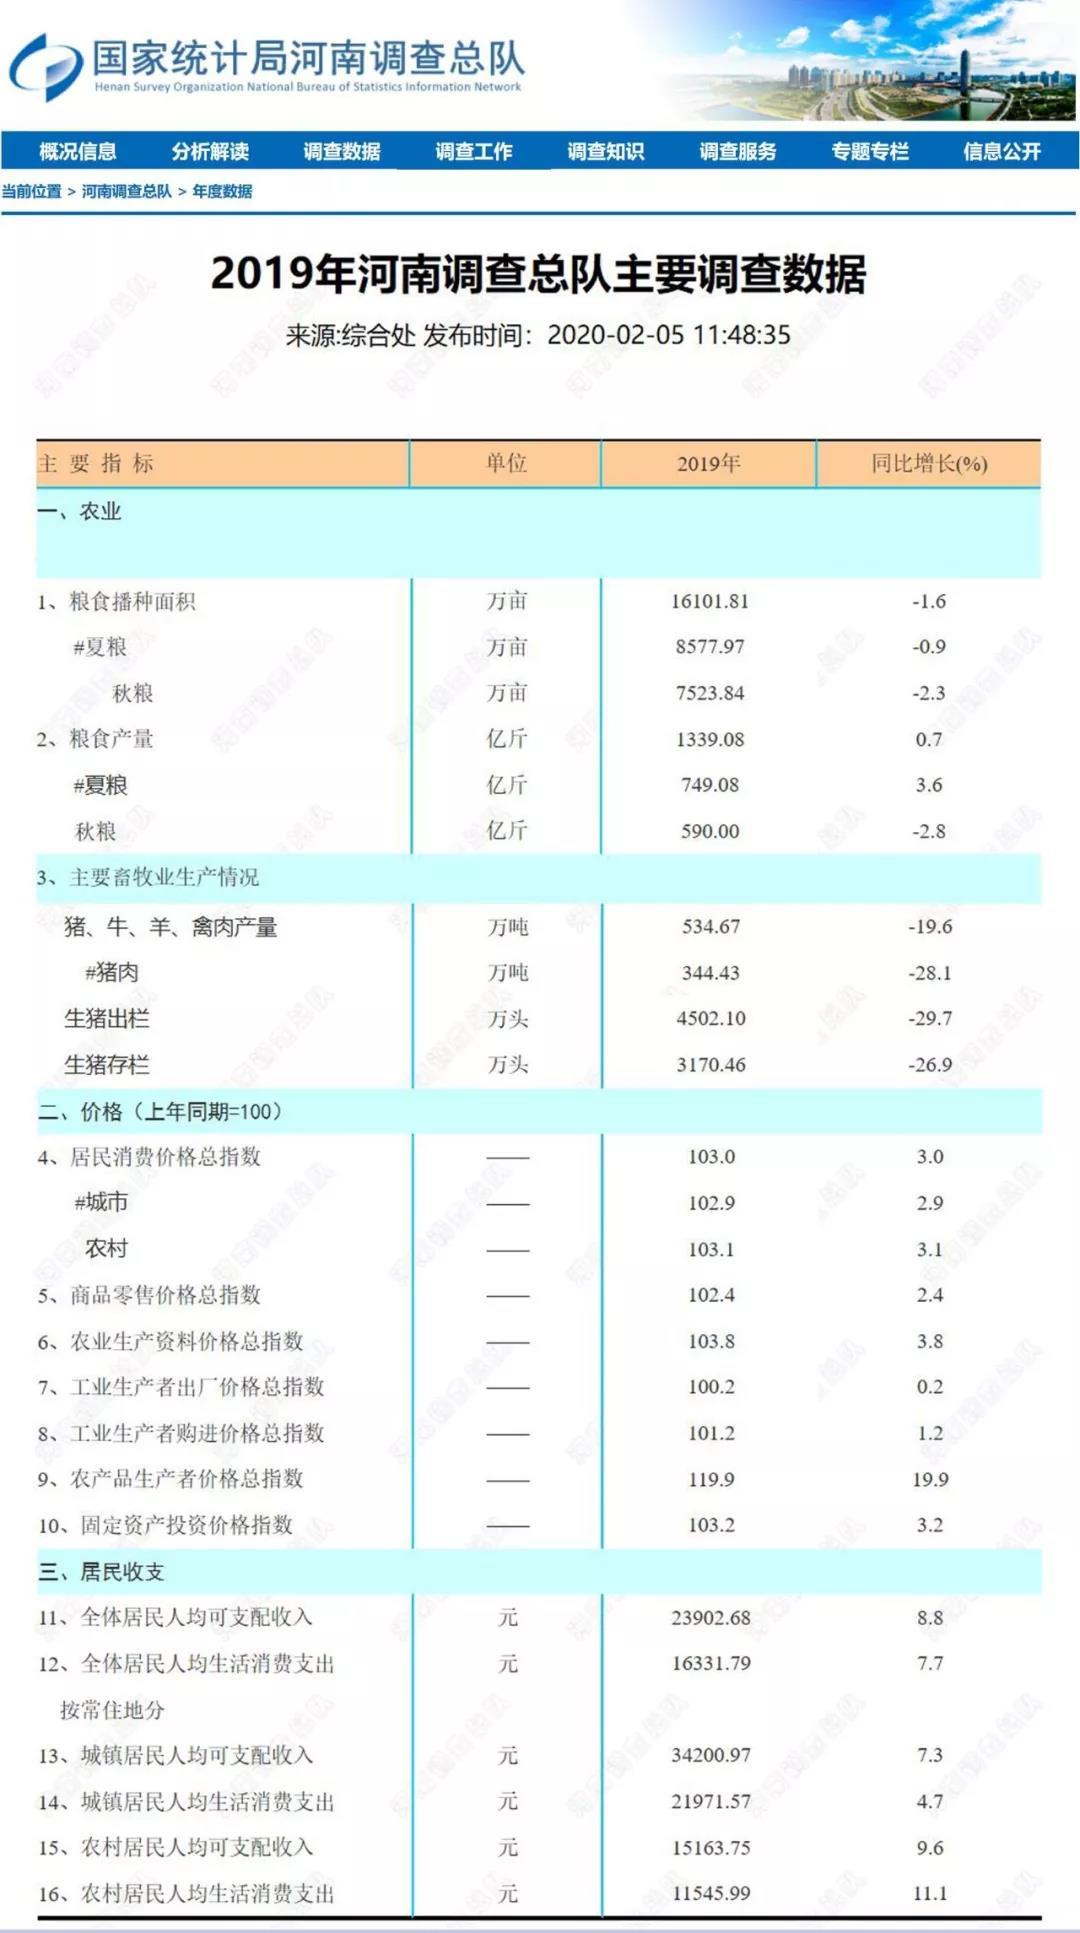 国家统计局河南调查总队2020年02月05日发布的2019年河南调查总队主要调查数据